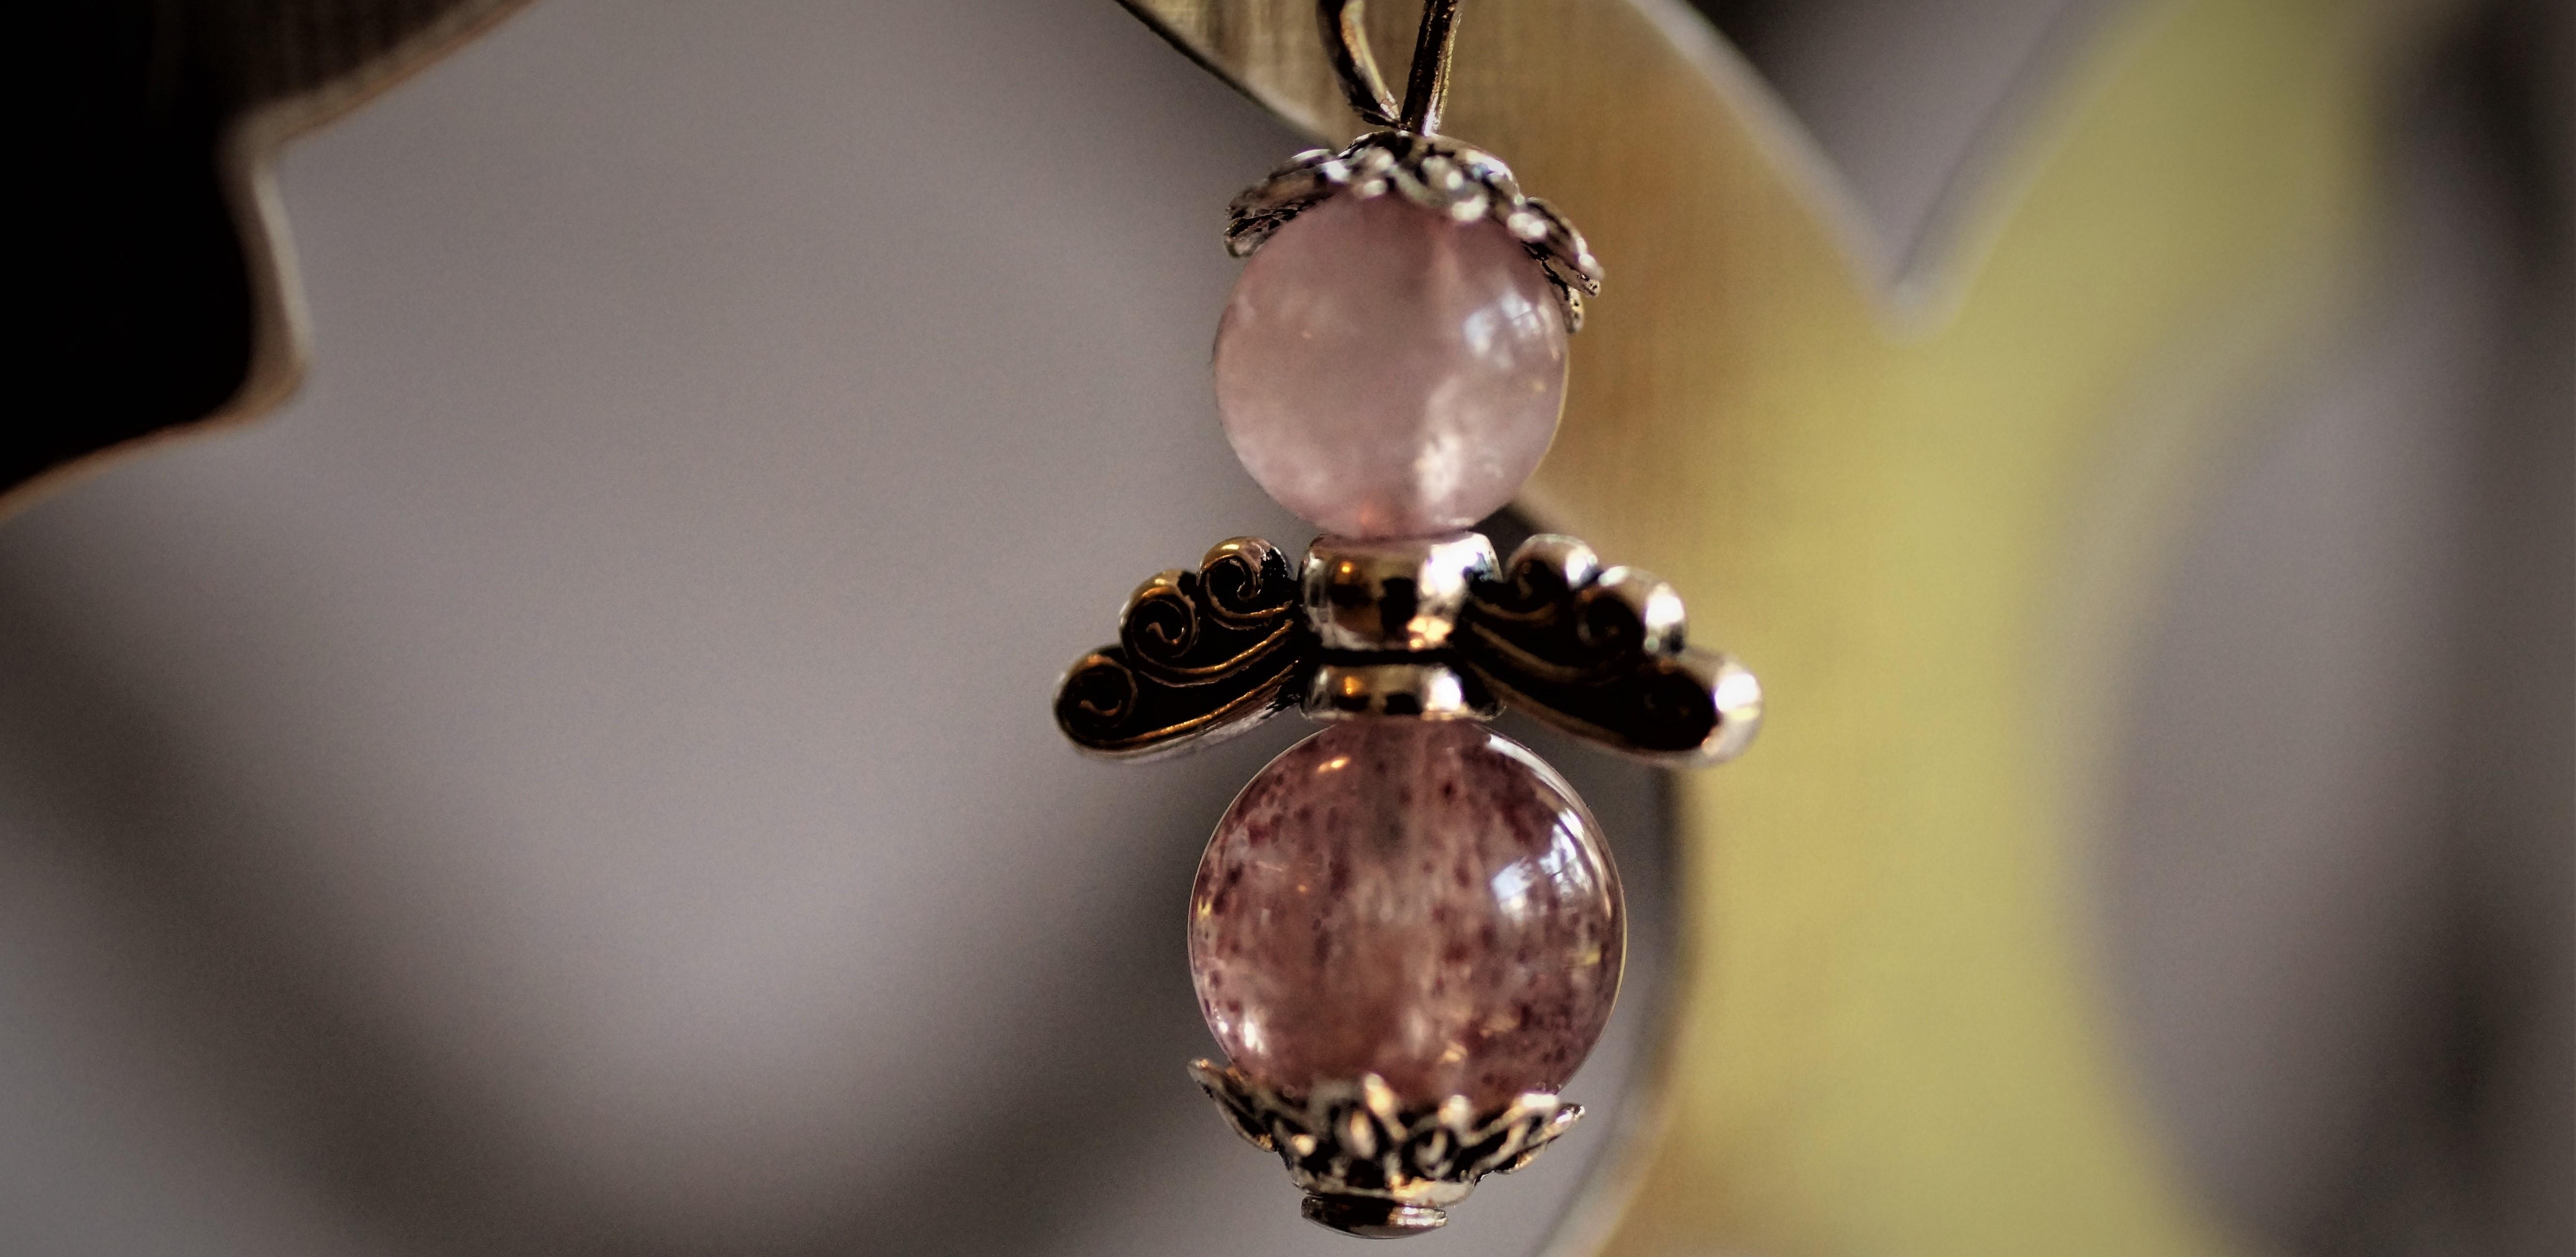 Engelchen aus Edelstein-Perlen